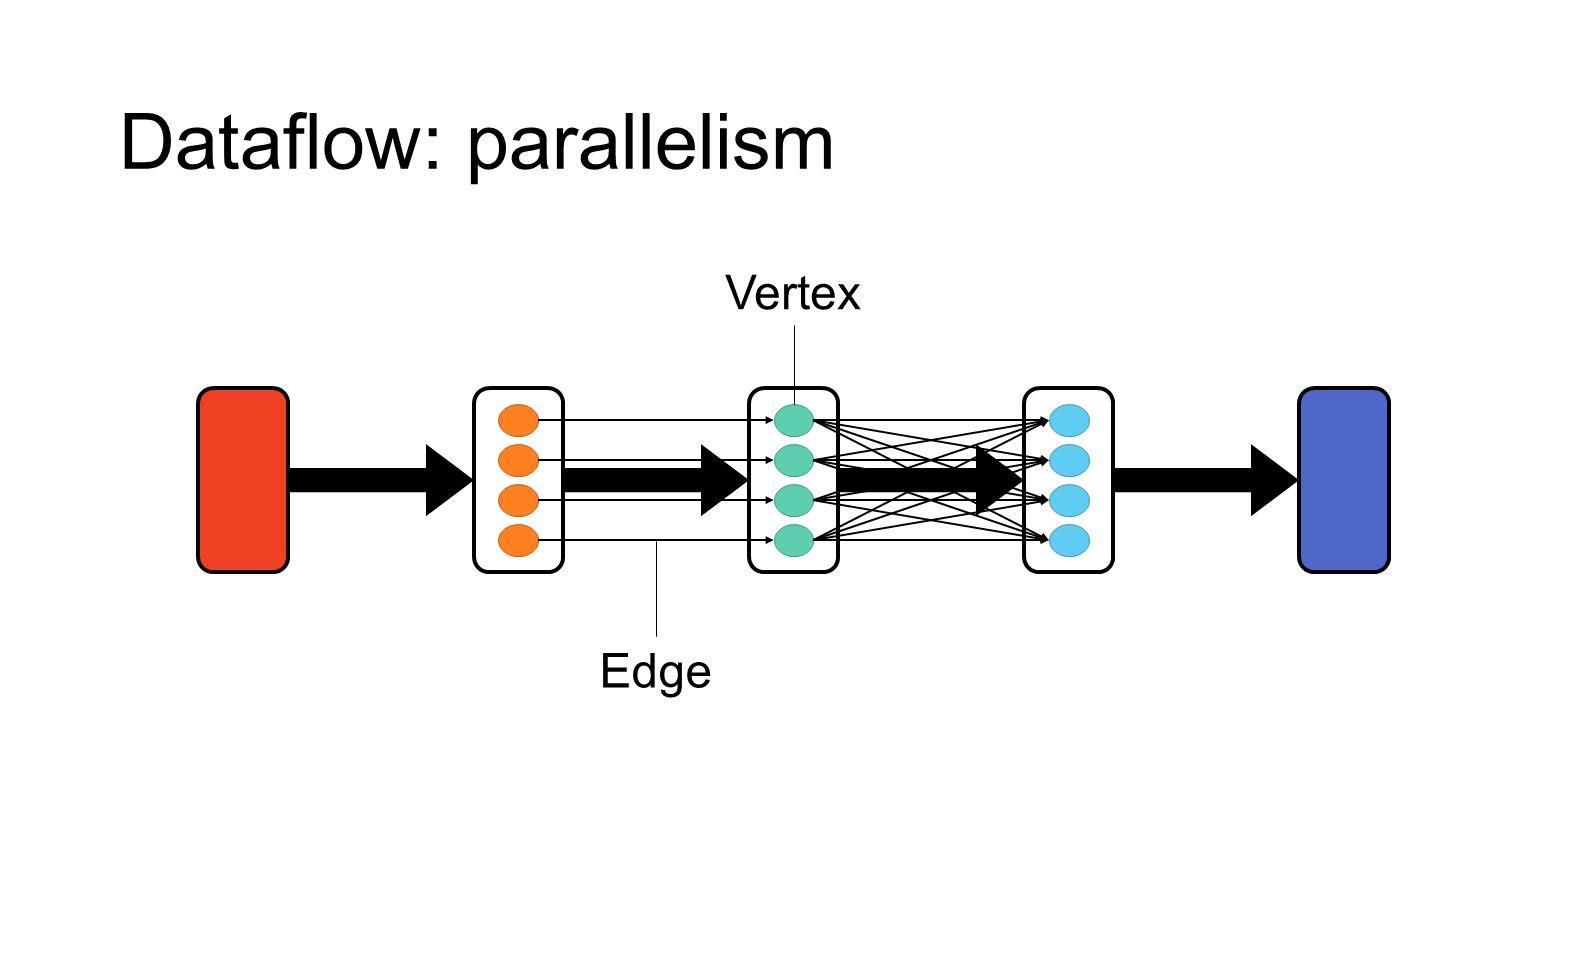 Dataflow: parallelism